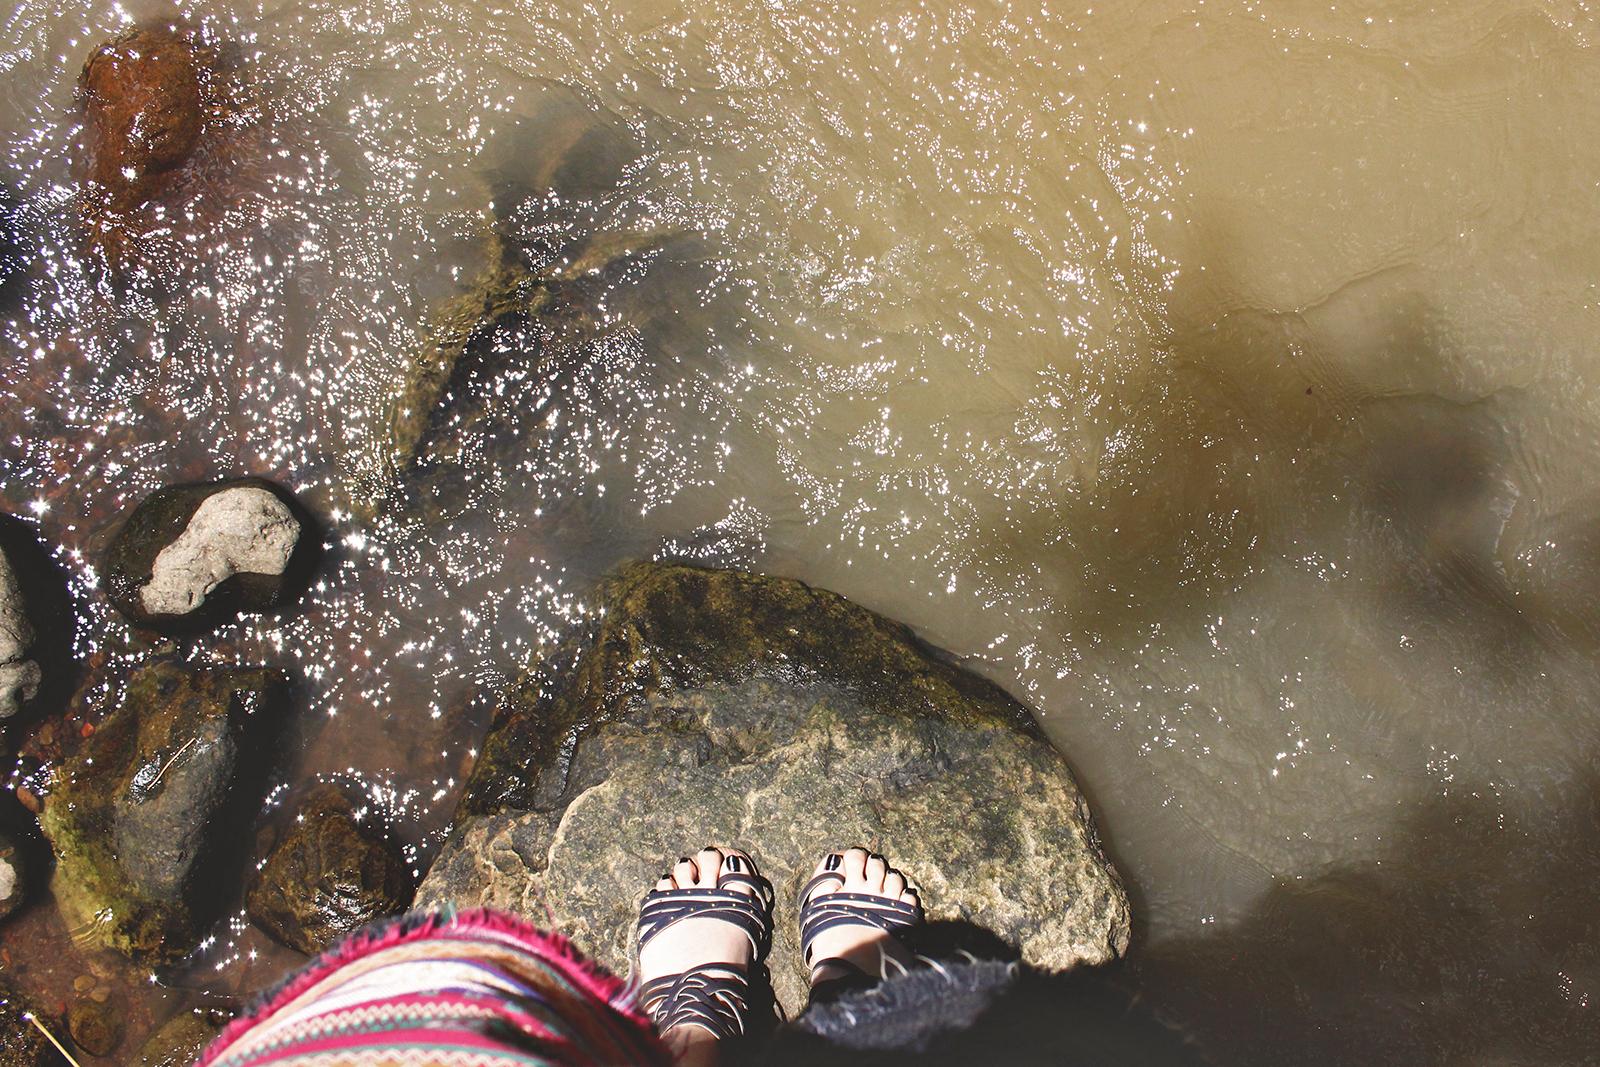 garota na pedra no rio